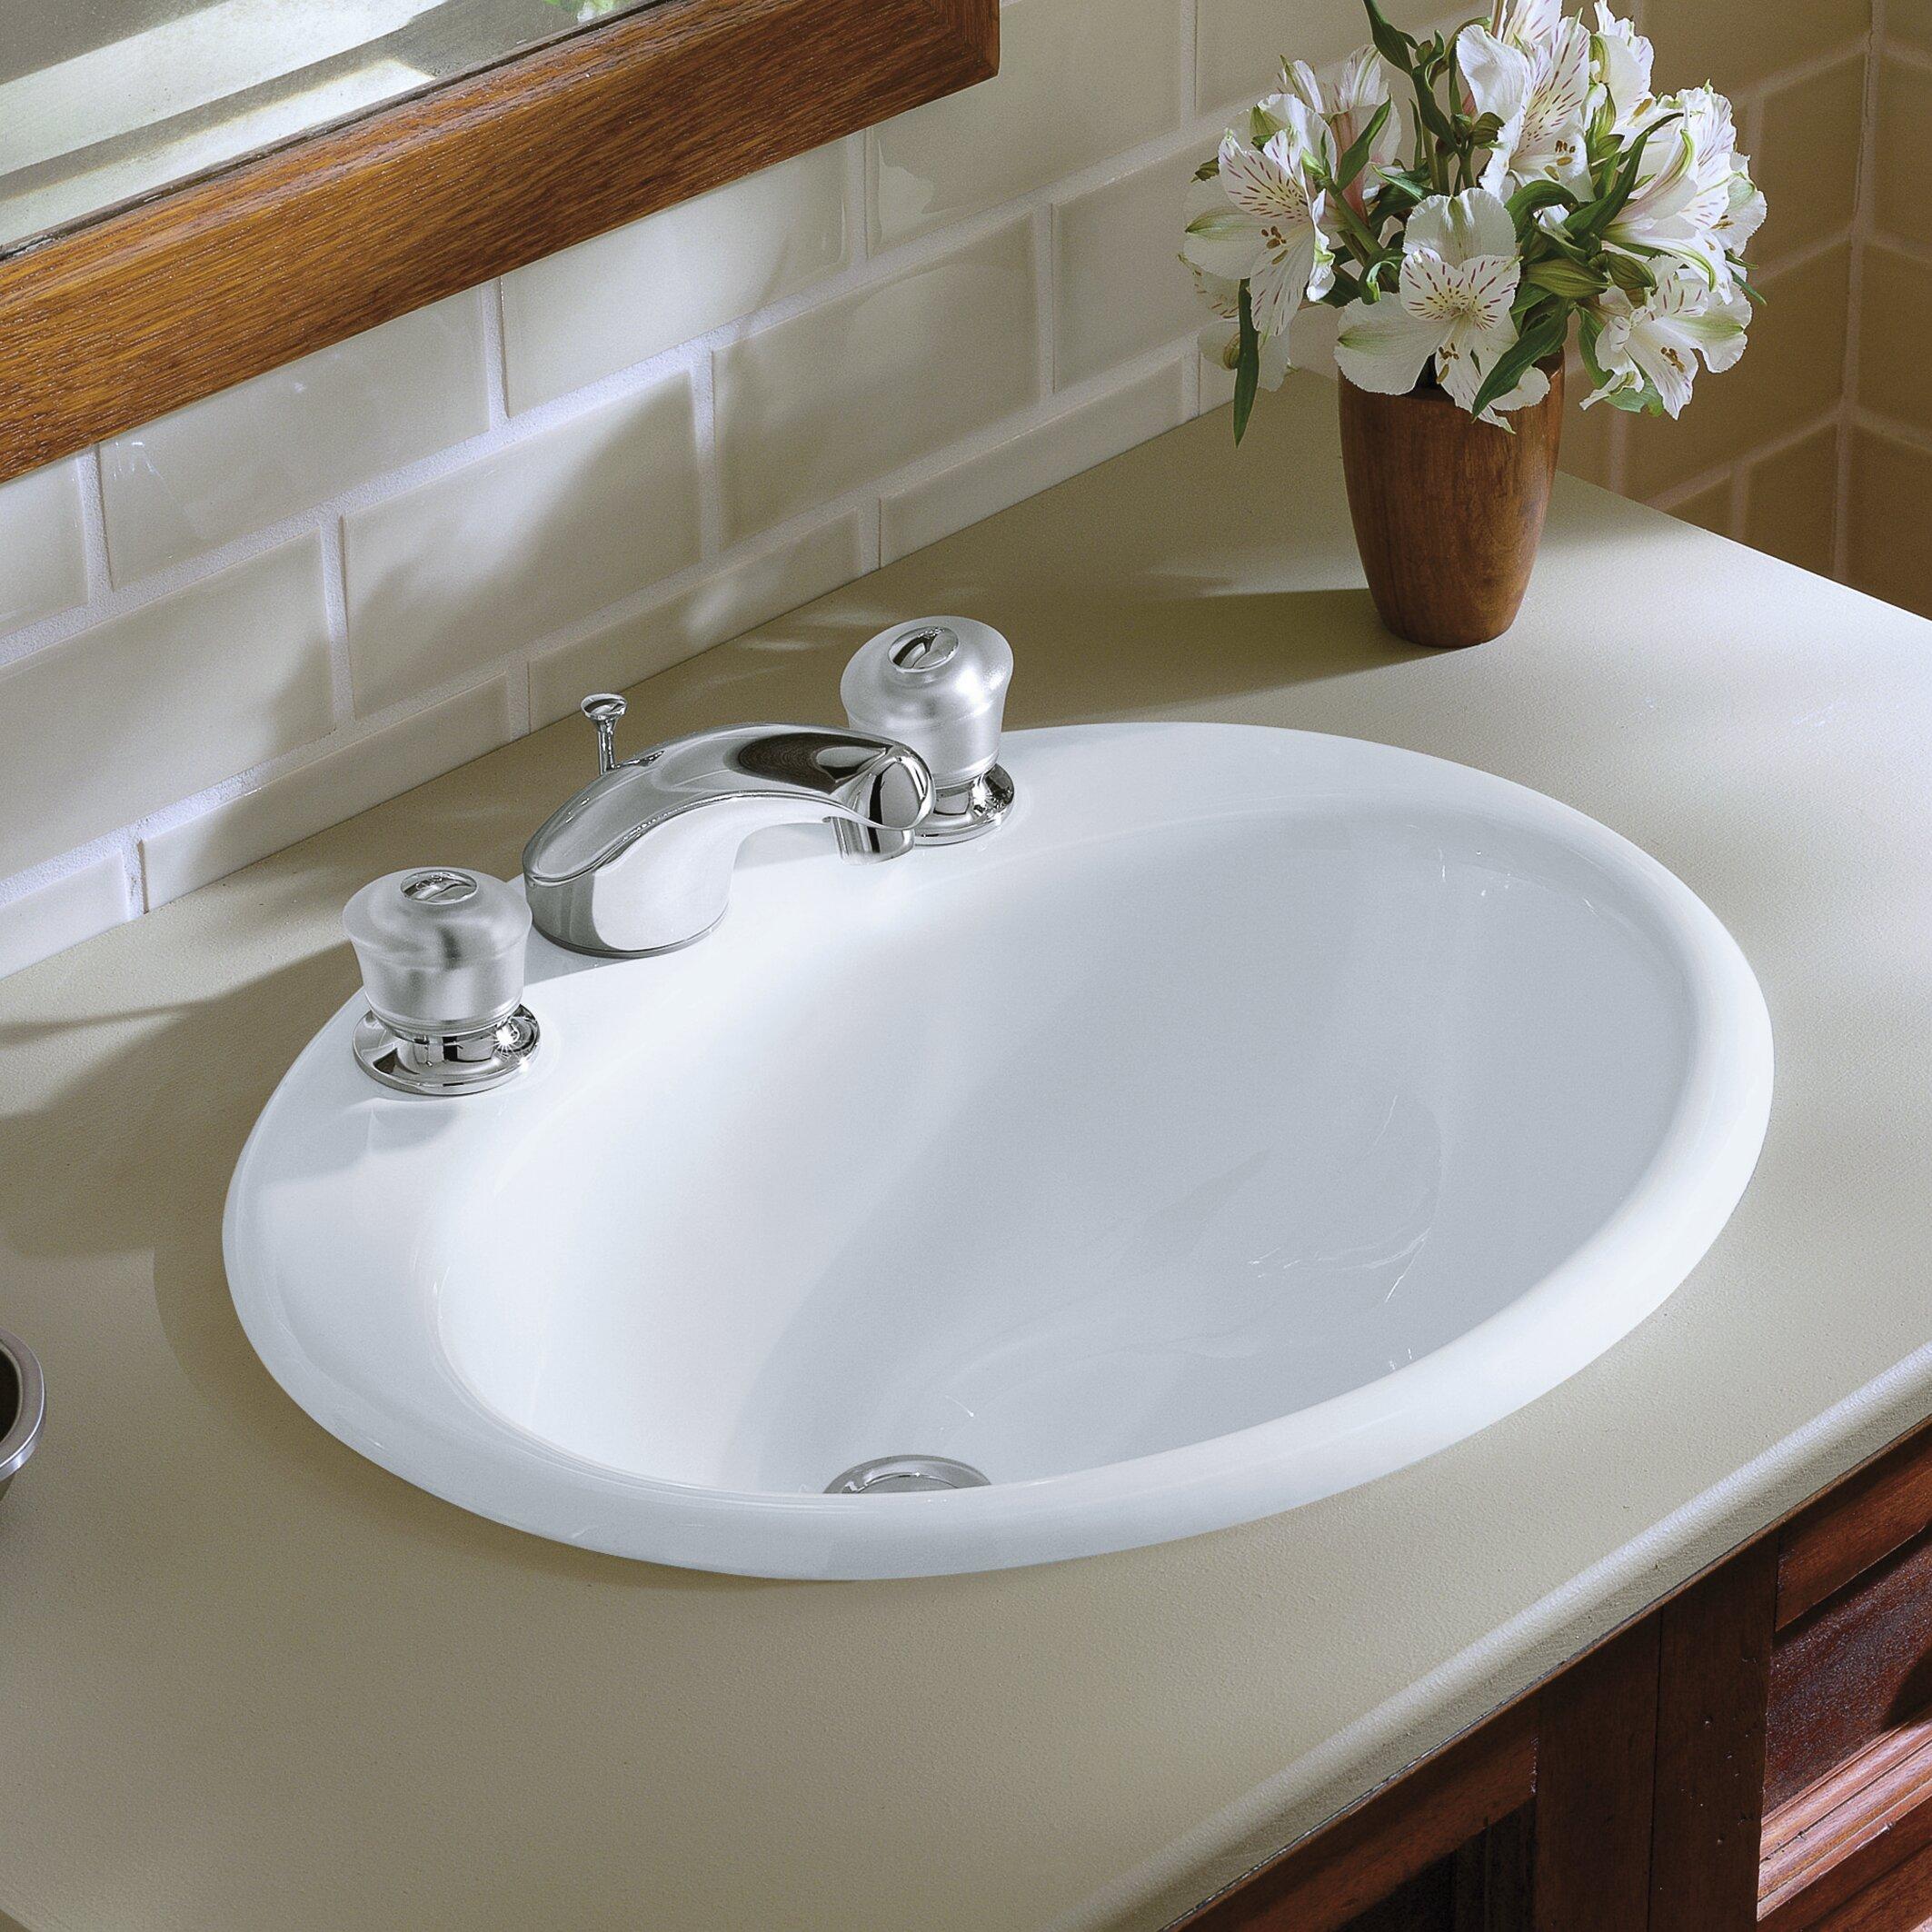 """kohler farmington drop-in bathroom sink with 8"""" widespread faucet"""